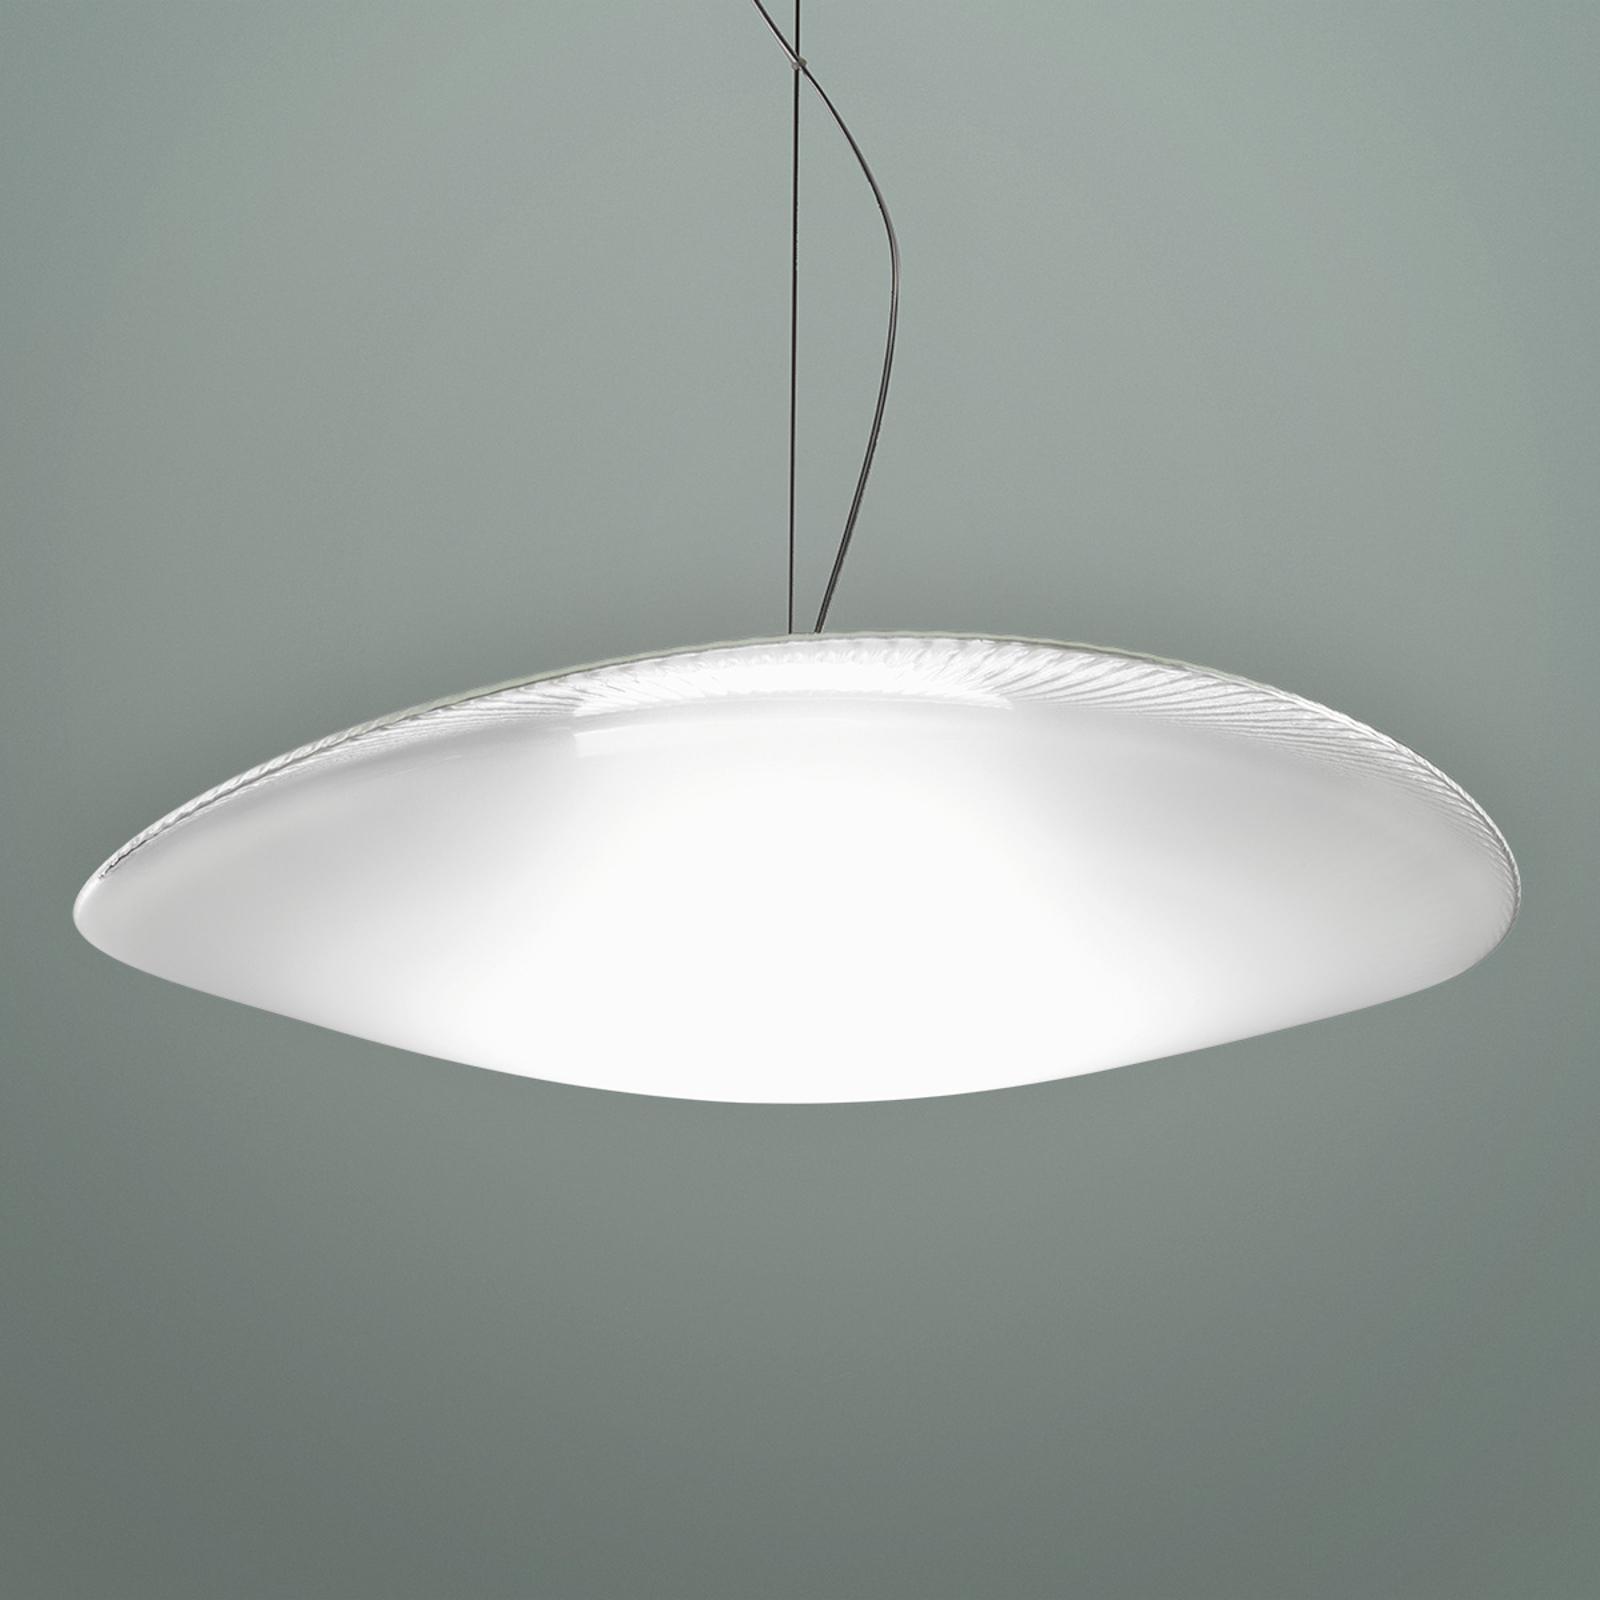 Fabbian Loop - LED-hengelampe av glass, 3000K